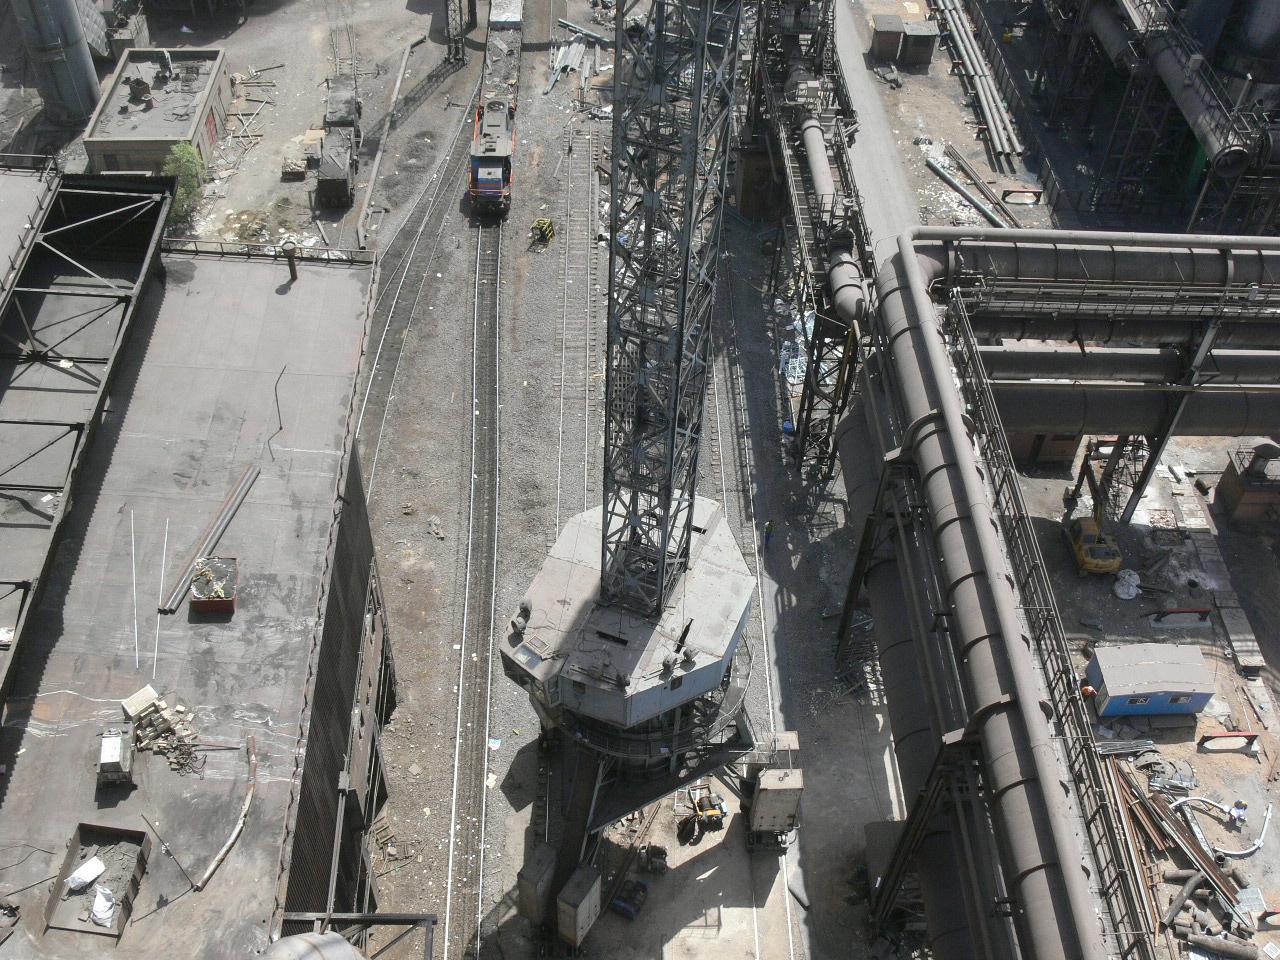 پروژه: اصلاح سیستم بارگیری(بدون زنگ) کوره بلند 2 ذوب آهن اصفهان